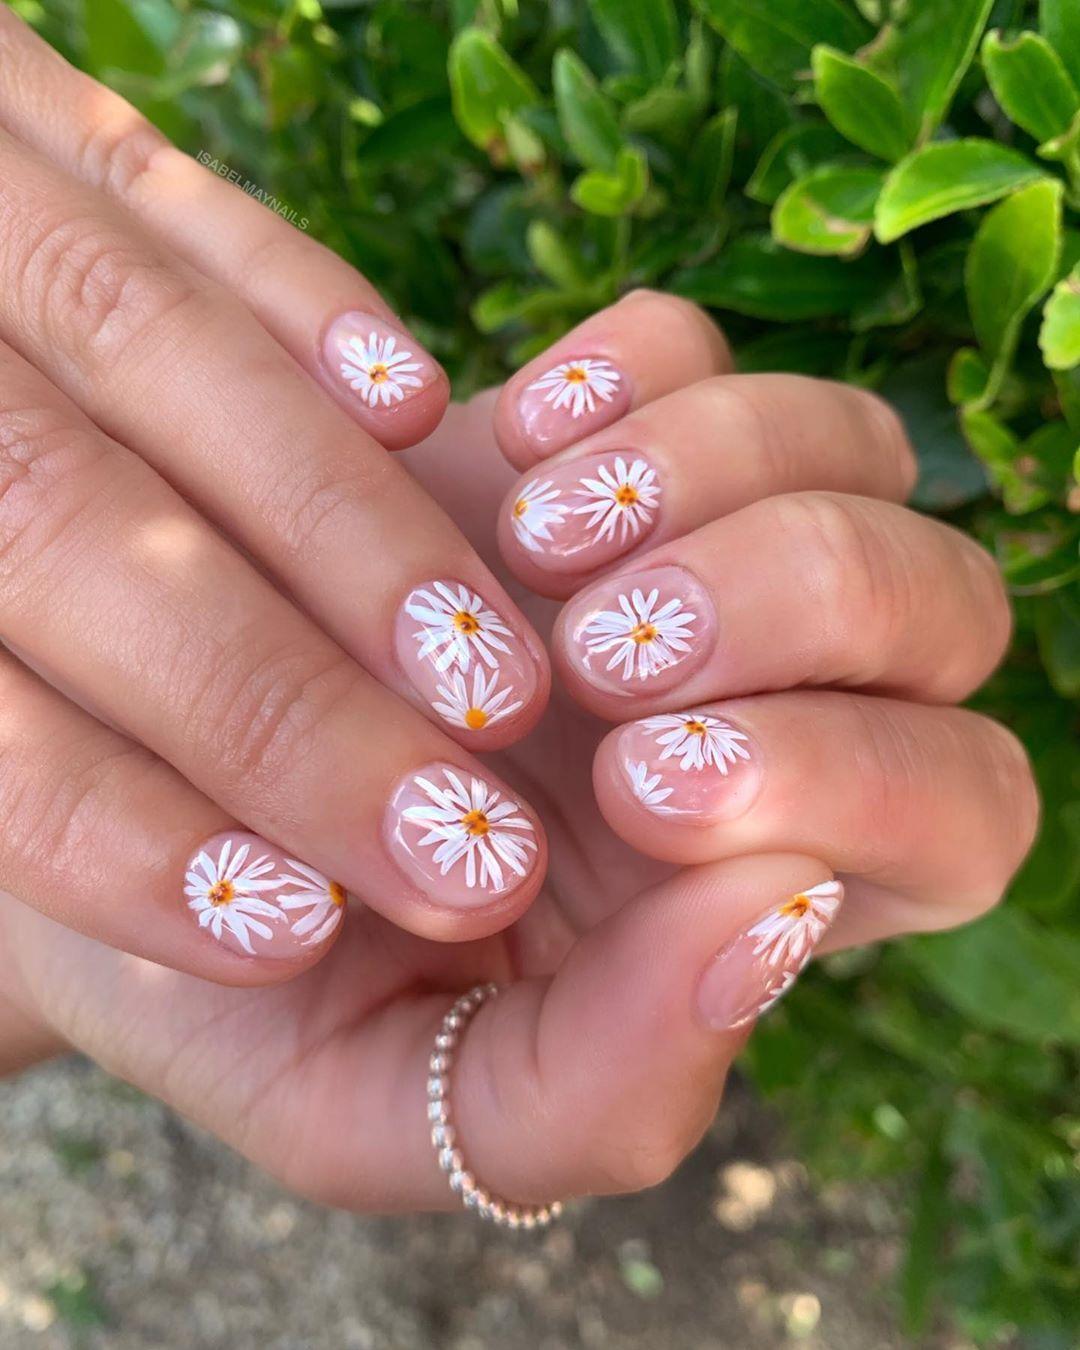 𝔻𝔼𝕃𝕀ℂ𝔸𝕋𝔼 𝔻𝔸𝕀𝕊𝕀𝔼𝕊  . Hand painted daisy nails  Who said short nails can't have na..., #daisies #daisy #daisynails #flowernails #flowers #gel #gelnails #handpainted #handpaintednailart #isabelmaynails #manicure #nailart #nailartist #naildesign #nailfashion #nailpolish #nailpro #nails #nailtech #nailtrend #naturalnails #navyprotools #shortnails #showscratch #uniquenails